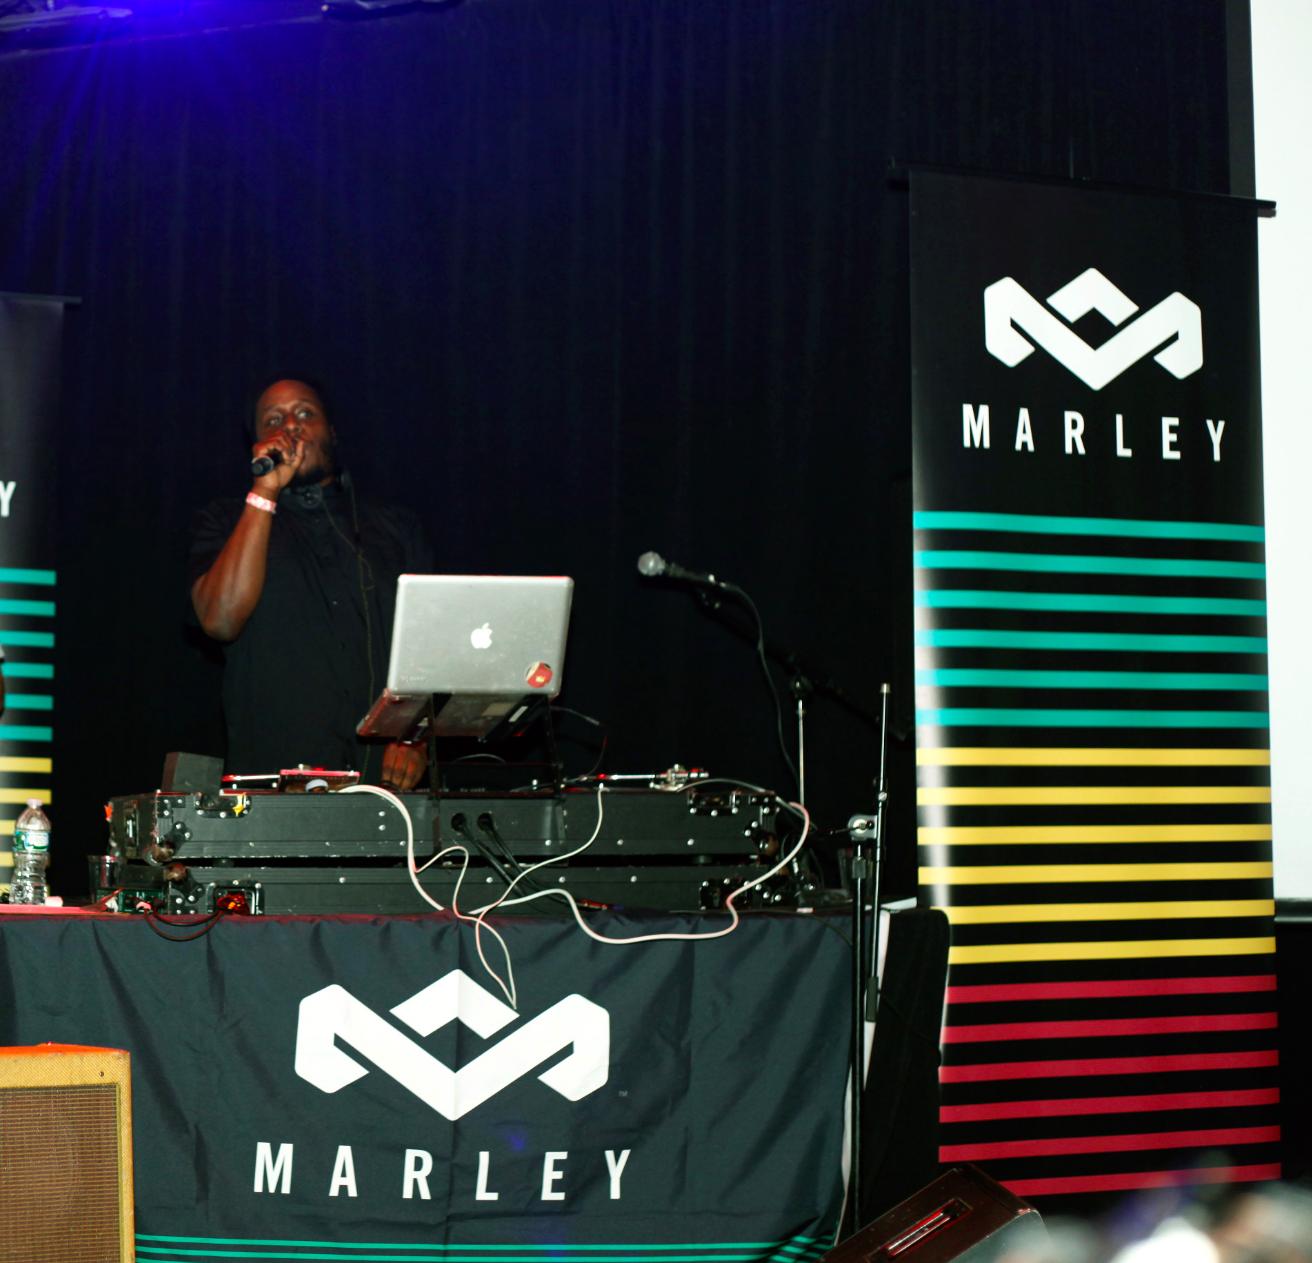 DJGringoNYC w Ky-Mani Marley LPR